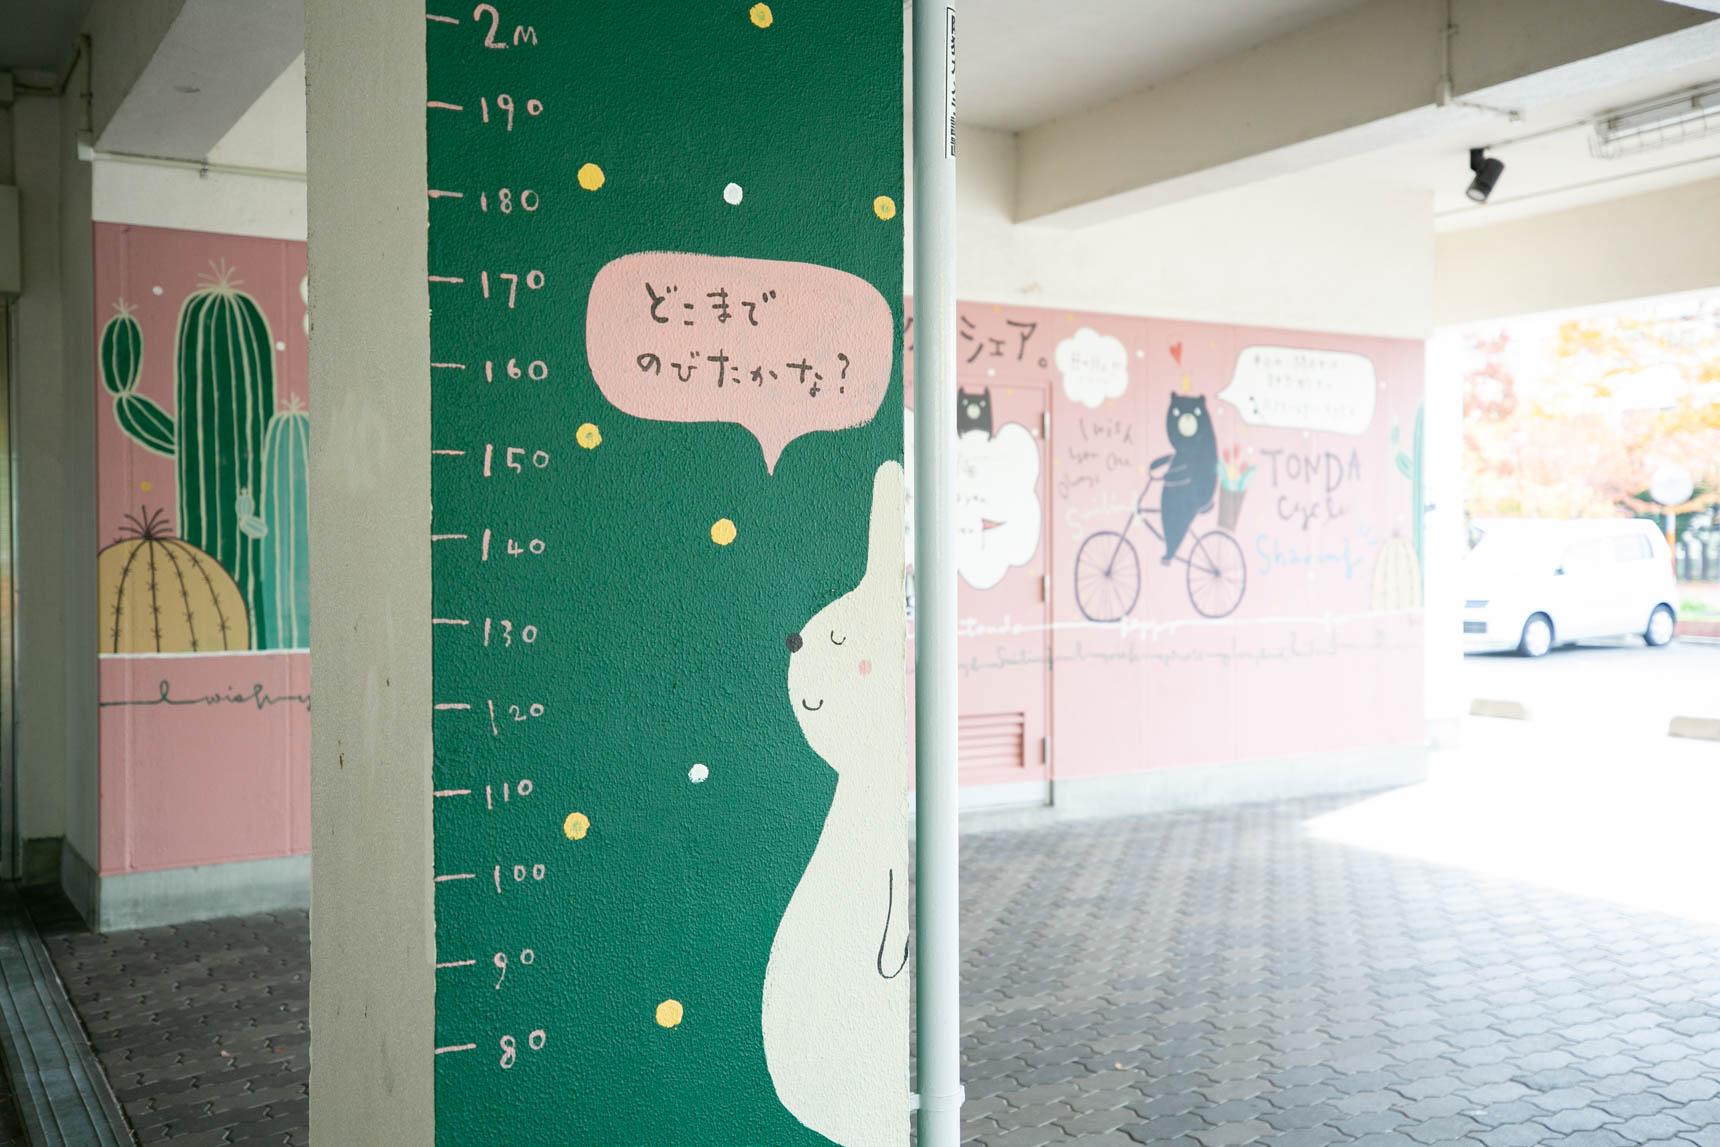 柱で身長を測るのも、子どもたちの楽しみのひとつになる予感。